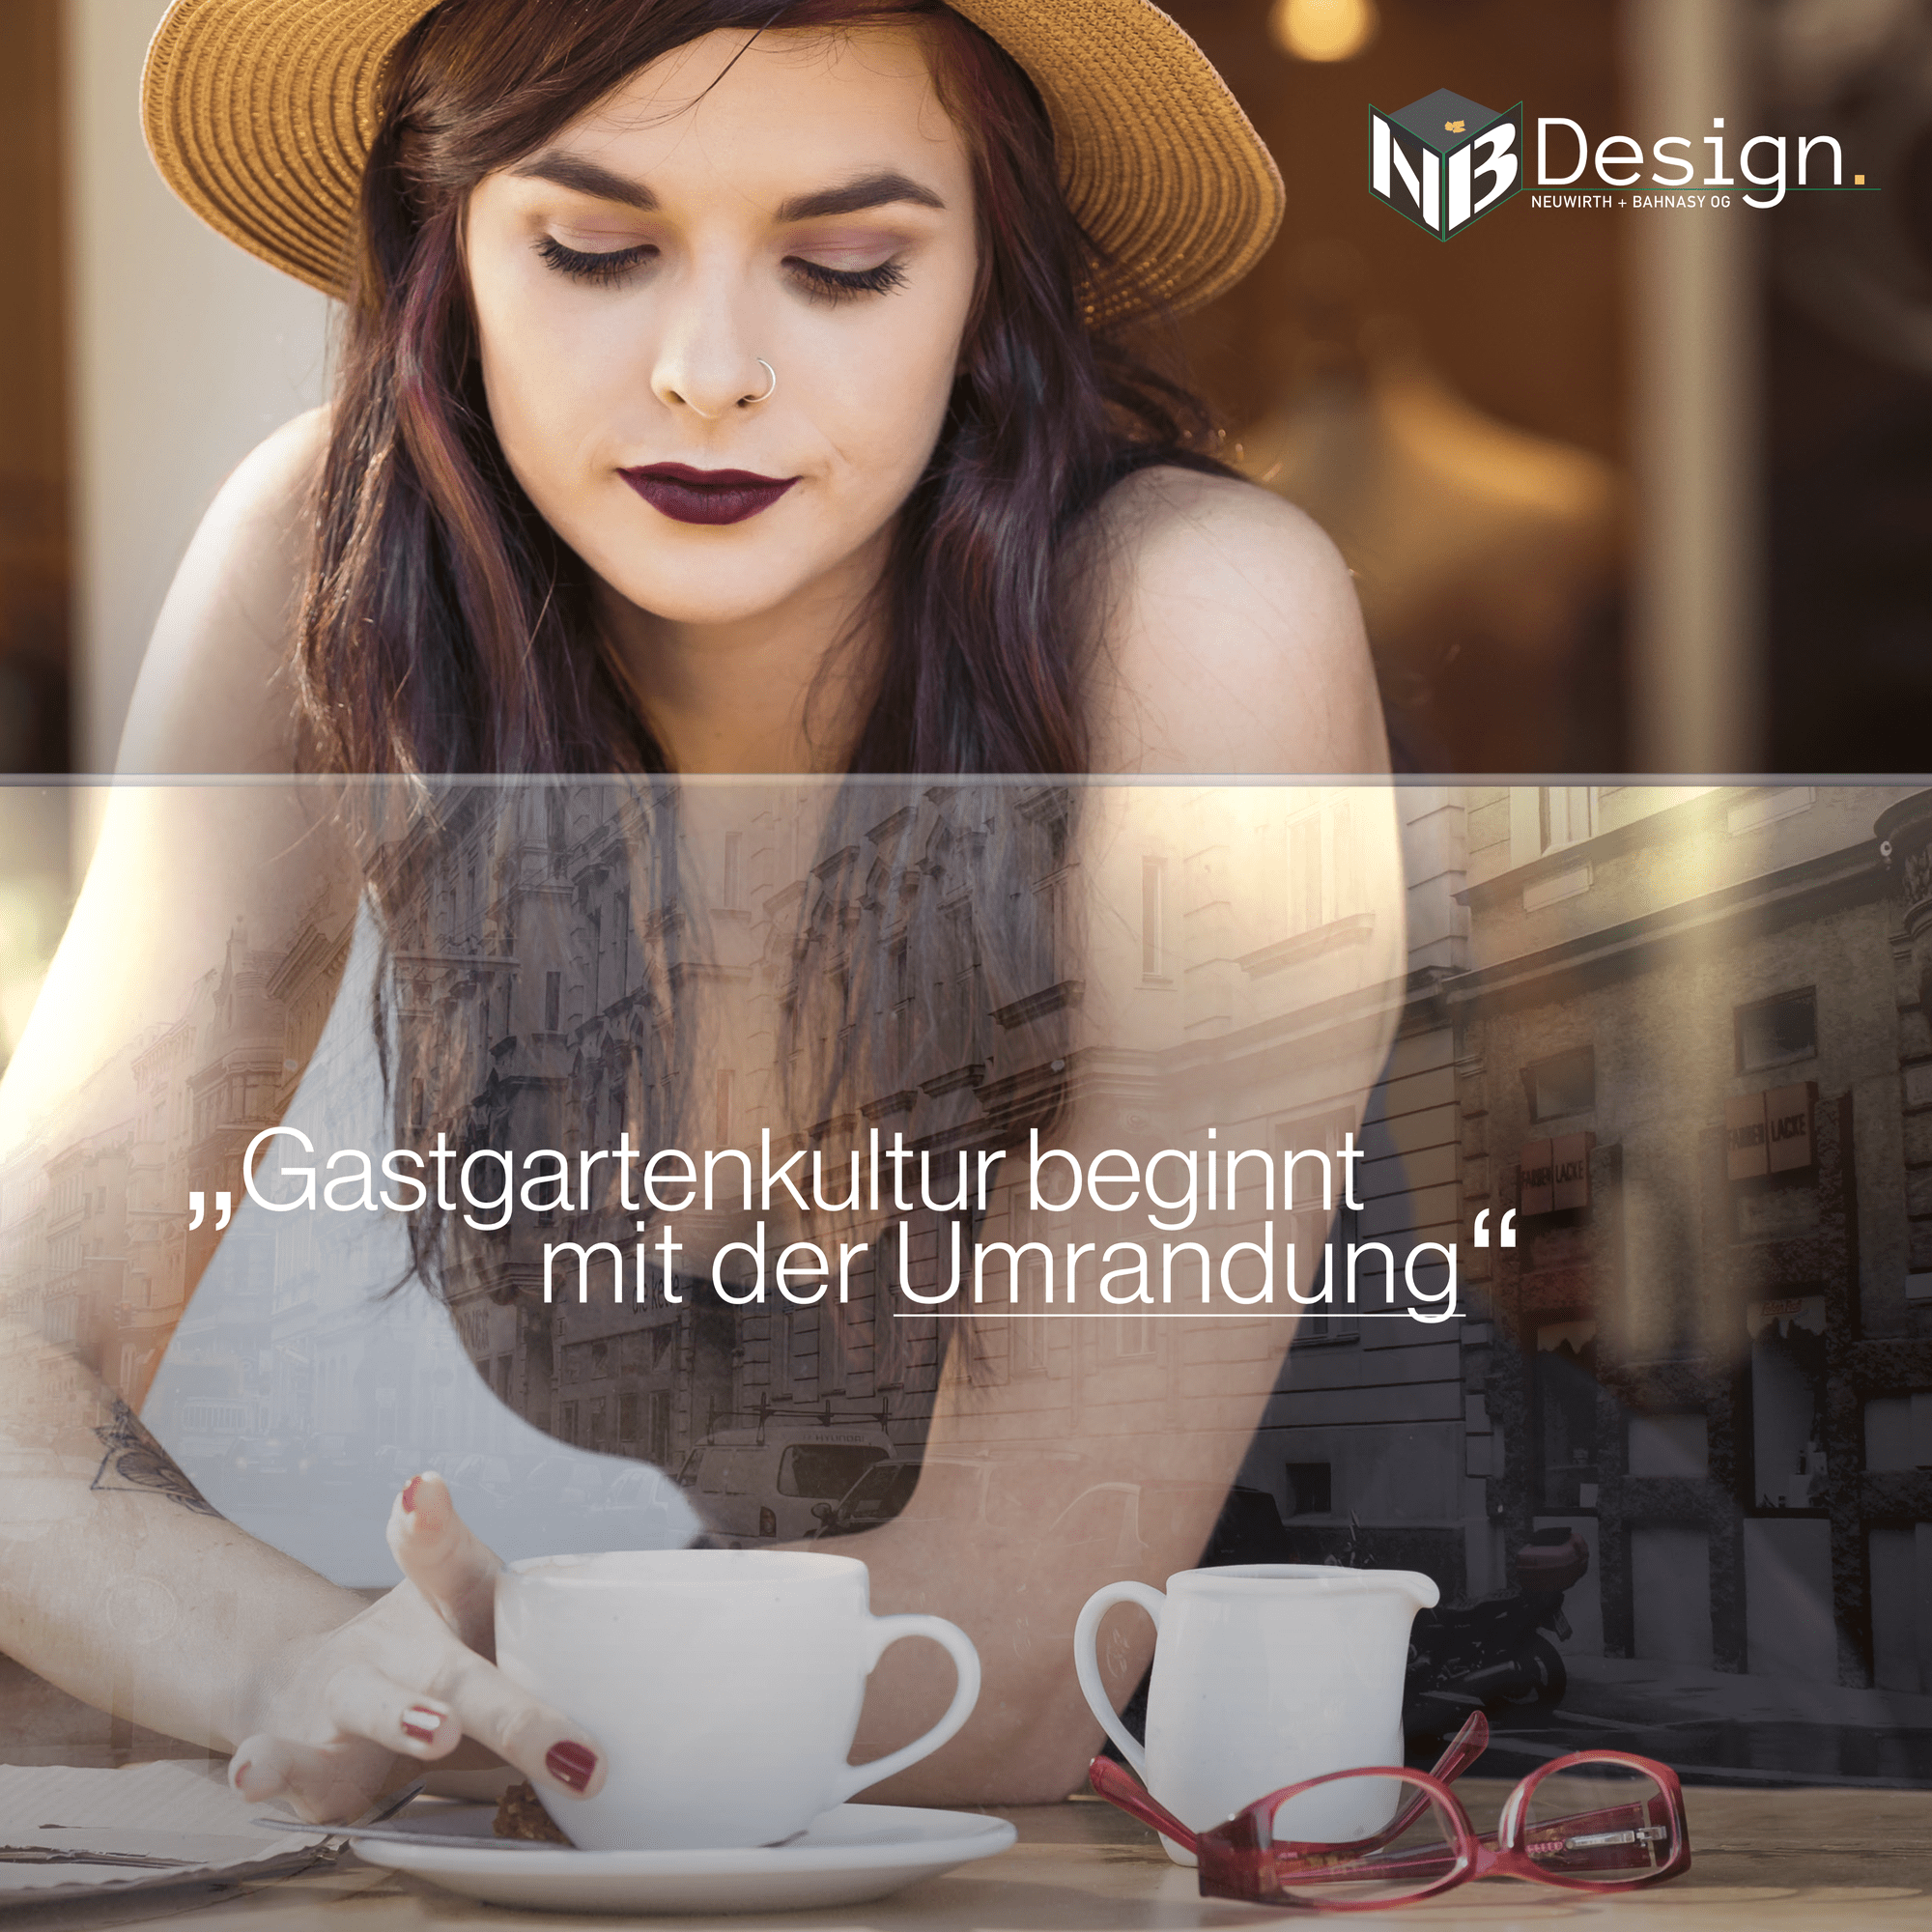 Imagefolder - NB Design